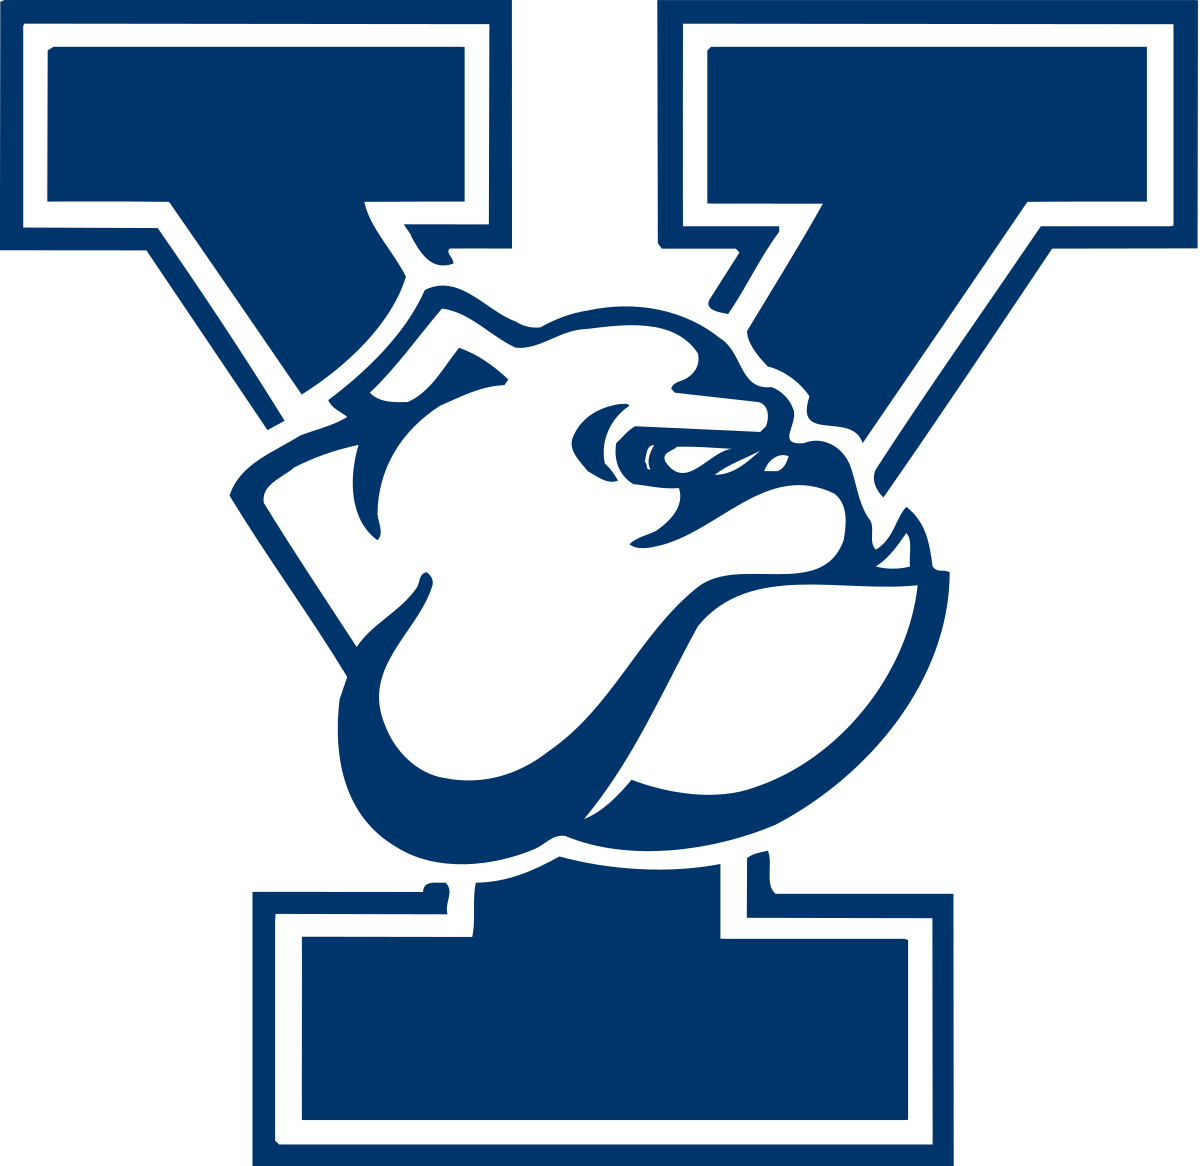 Volleyball clipart lady bulldog. Yale bulldogs wikipedia